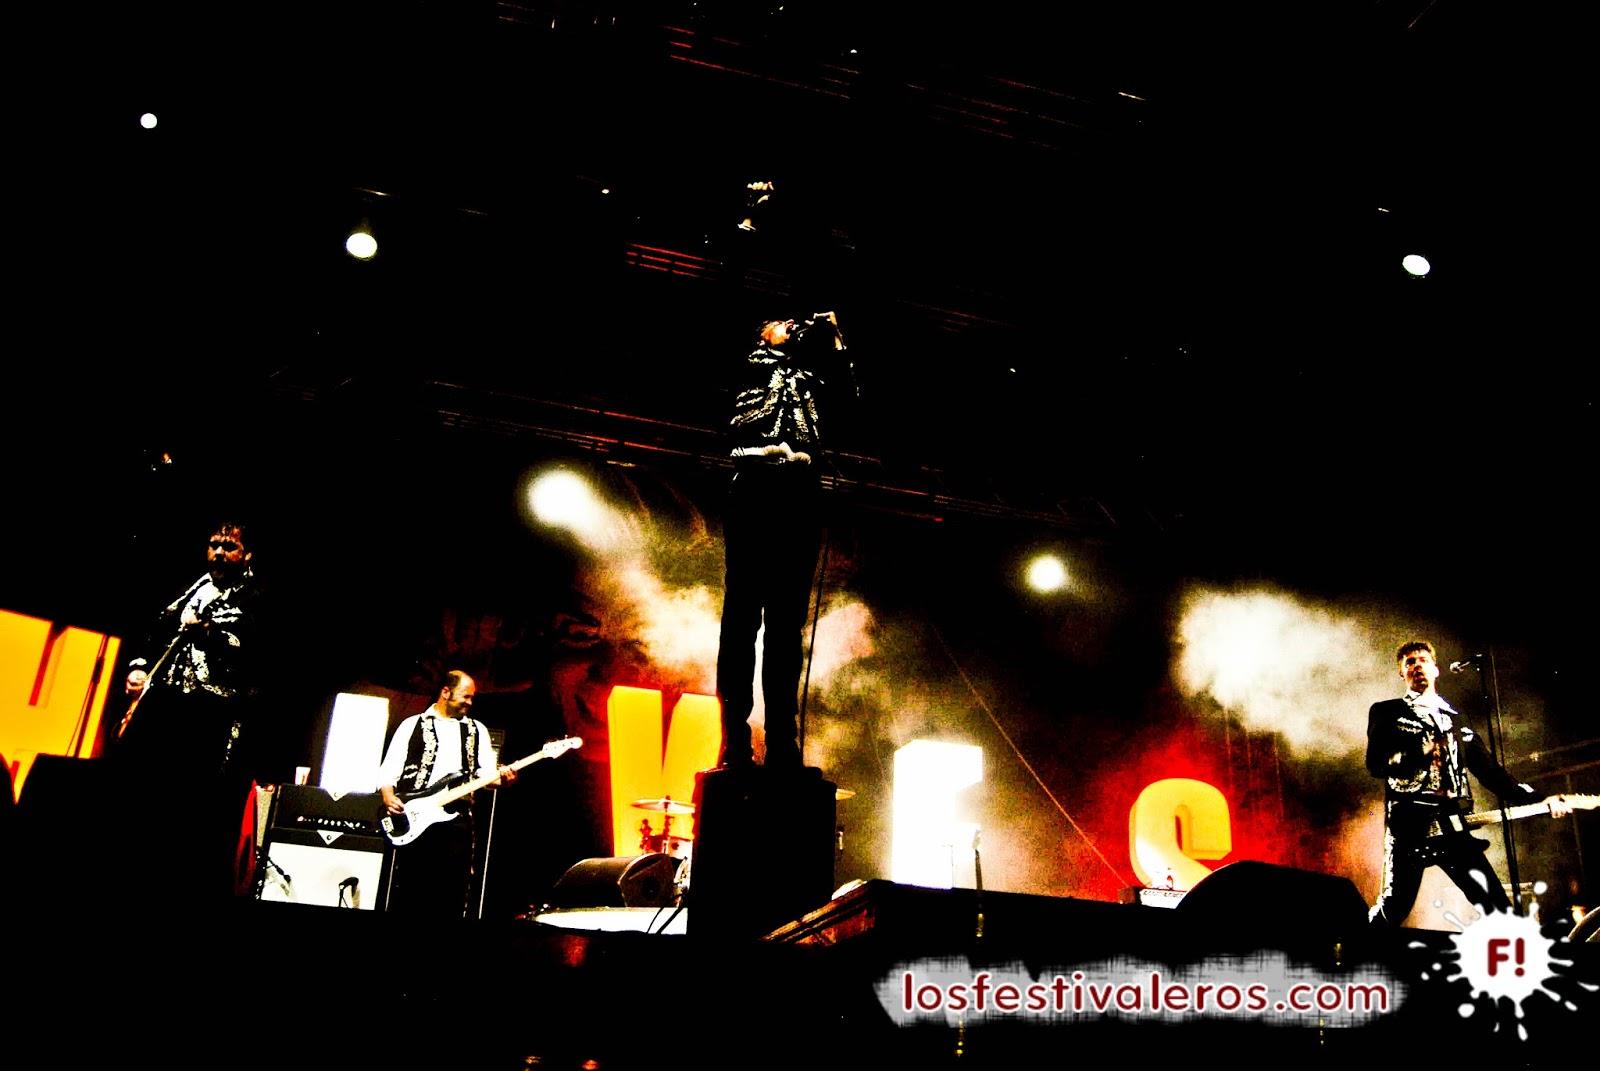 The Hives, Come On, Concierto, Festival, Directo, Live, Glastonbury